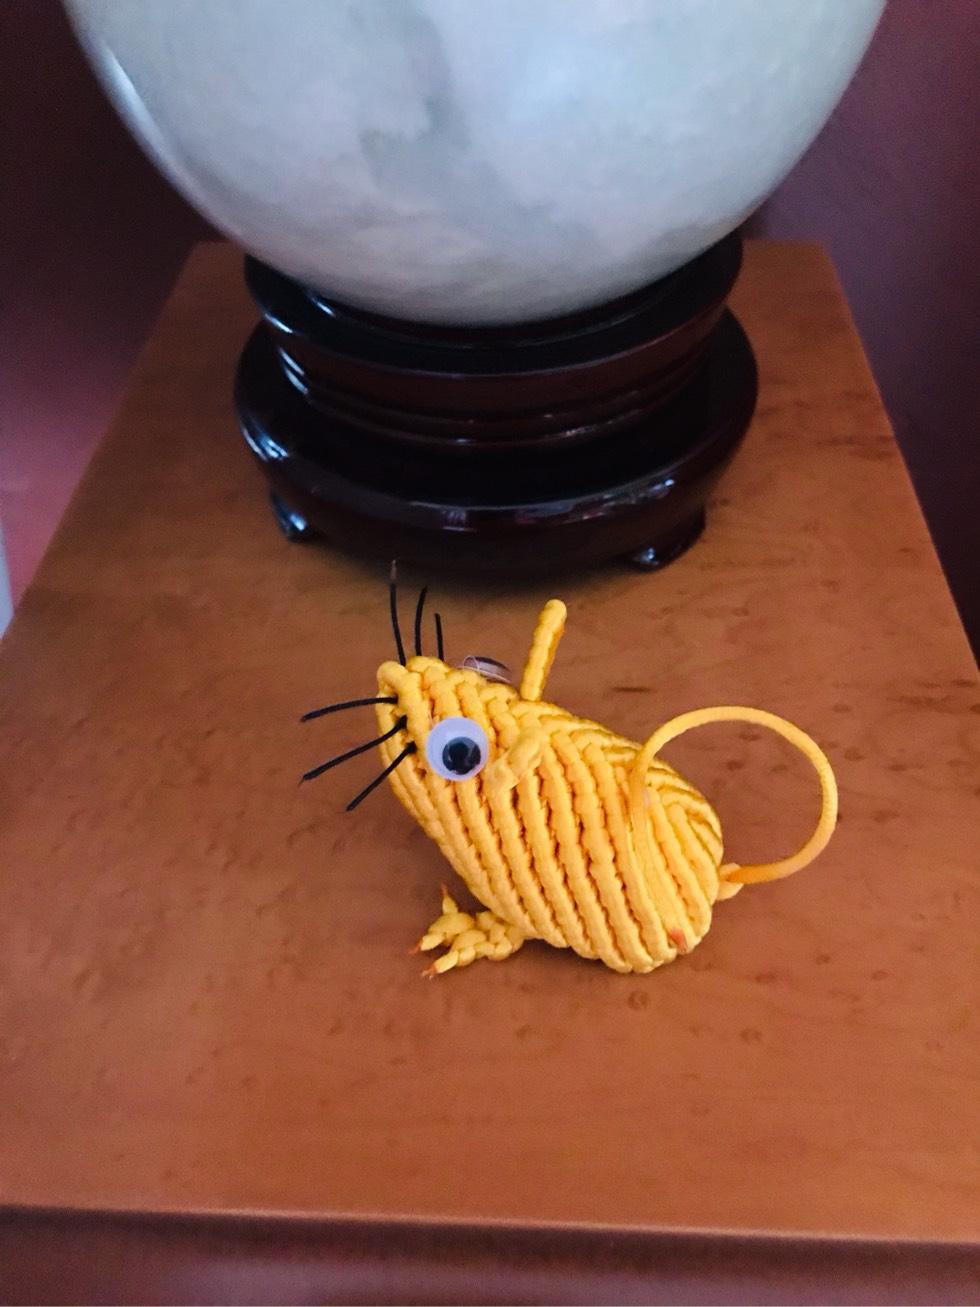 中国结论坛 鼠你有才 鼠你有才APP公司,鼠你好看鼠你有才,鼠年贺词四字成语,鼠你有菜太空泥,鼠你有才app 作品展示 153135m9vh8lvrqy229jbj